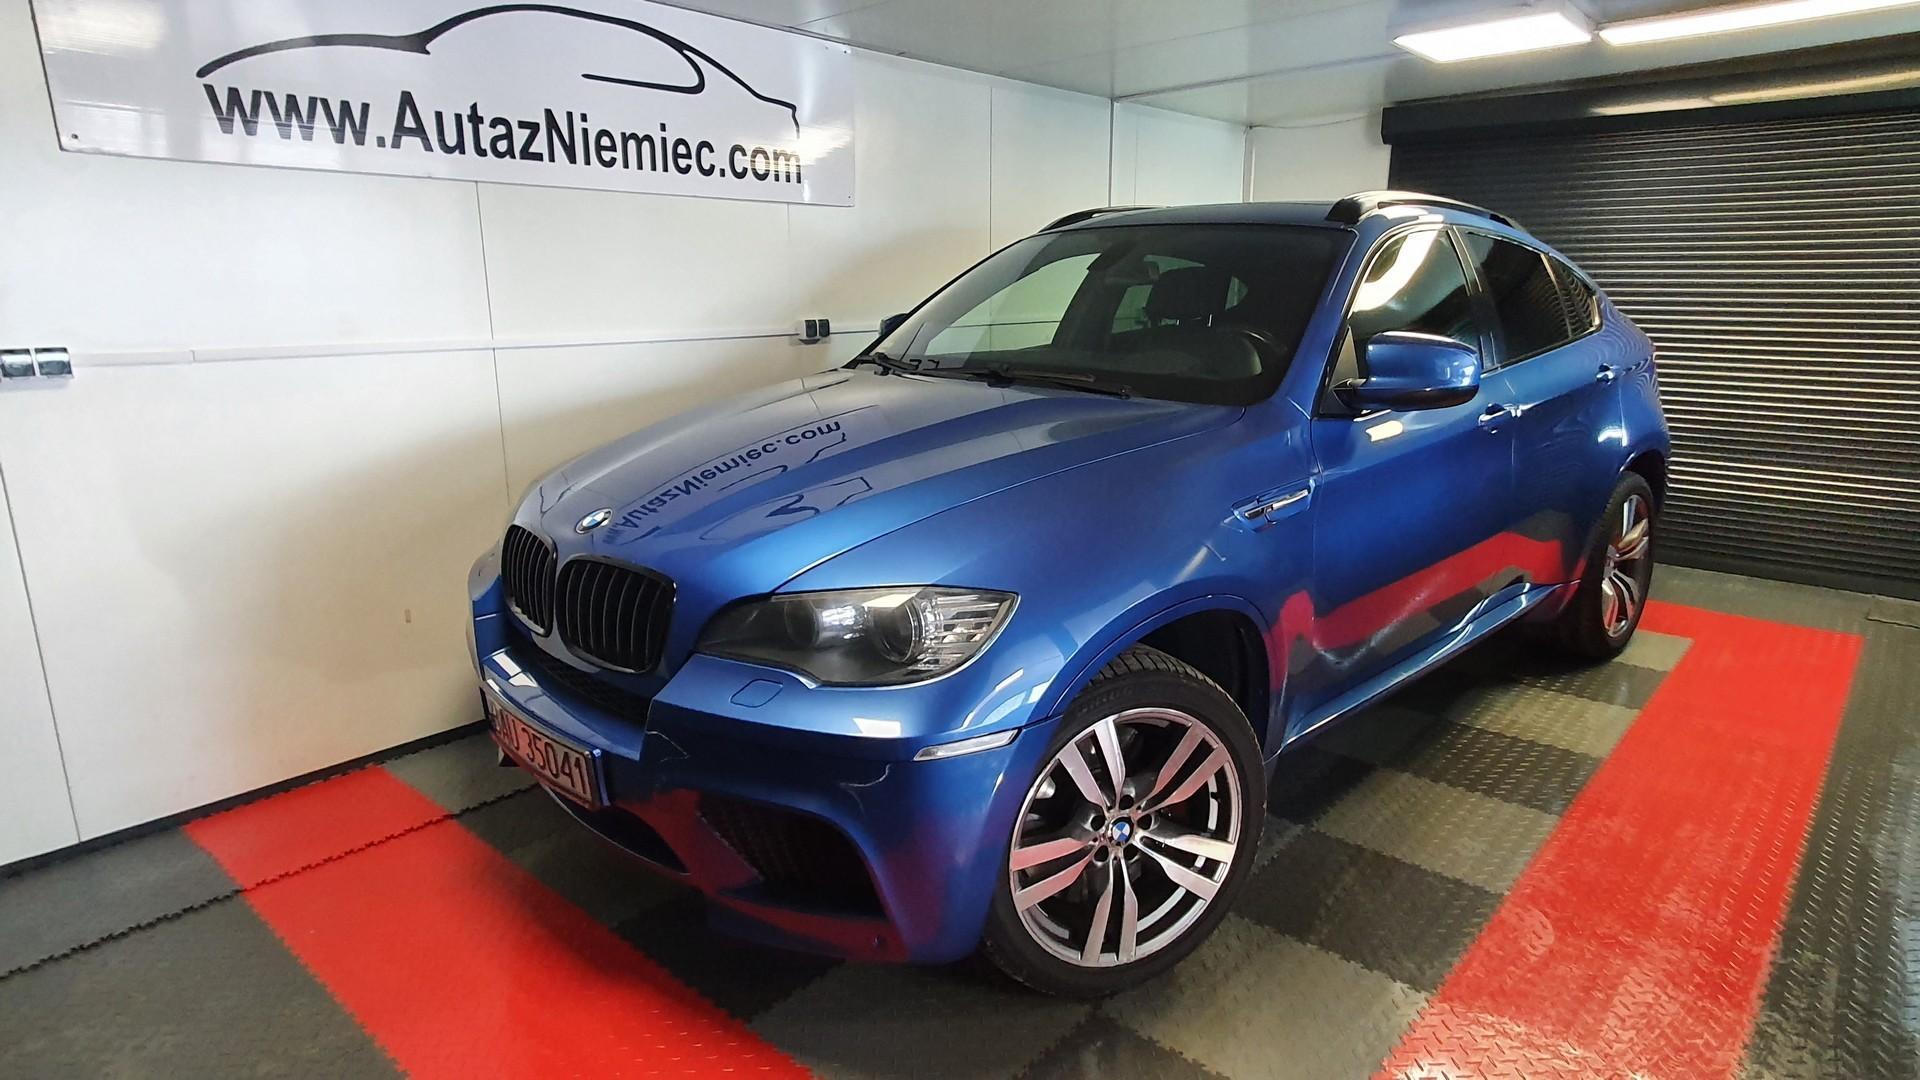 BMW X6M Monte Carlo Blau Metallic/ Czarna Skóra/ Nagłośnienie Hi End/ 3xKamera